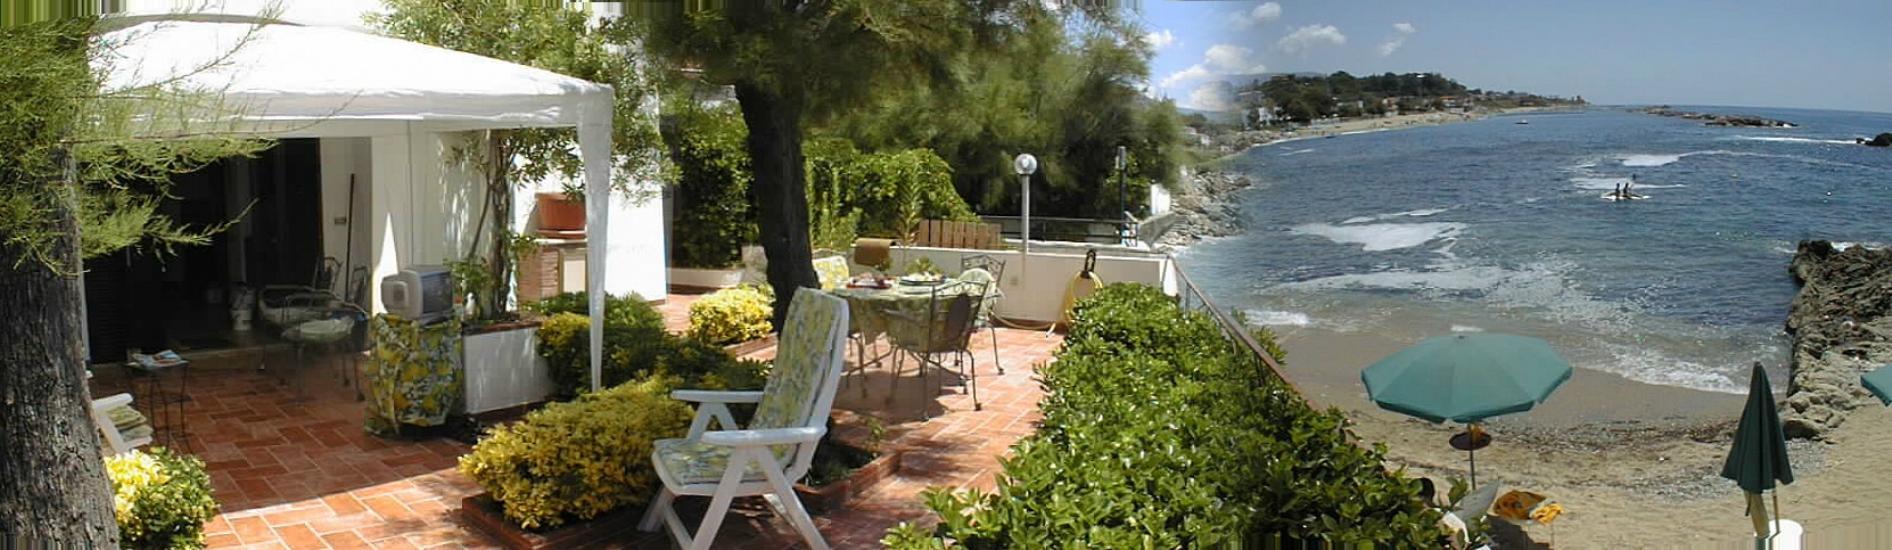 Appartamento in vendita a Belvedere Marittimo, 5 locali, prezzo € 1.750 | CambioCasa.it